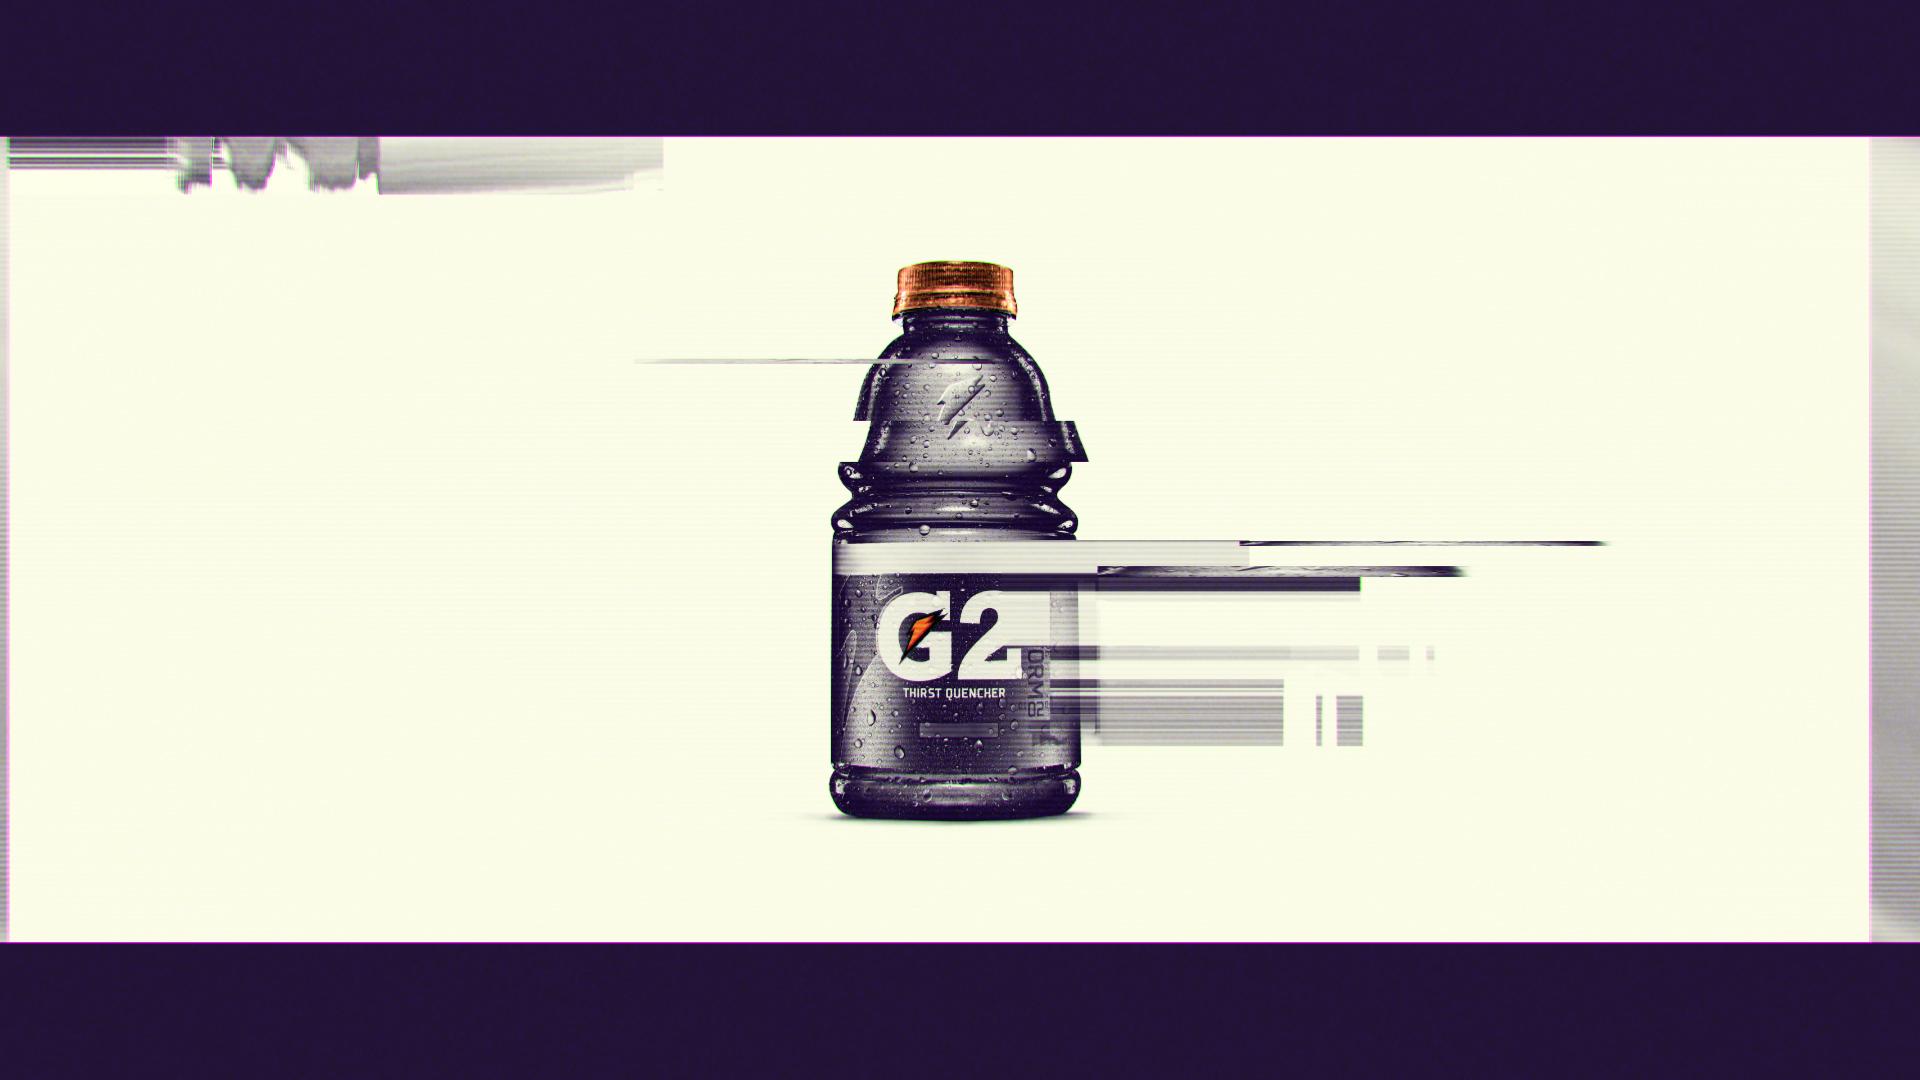 05_MJ_treatment_04_o.jpg